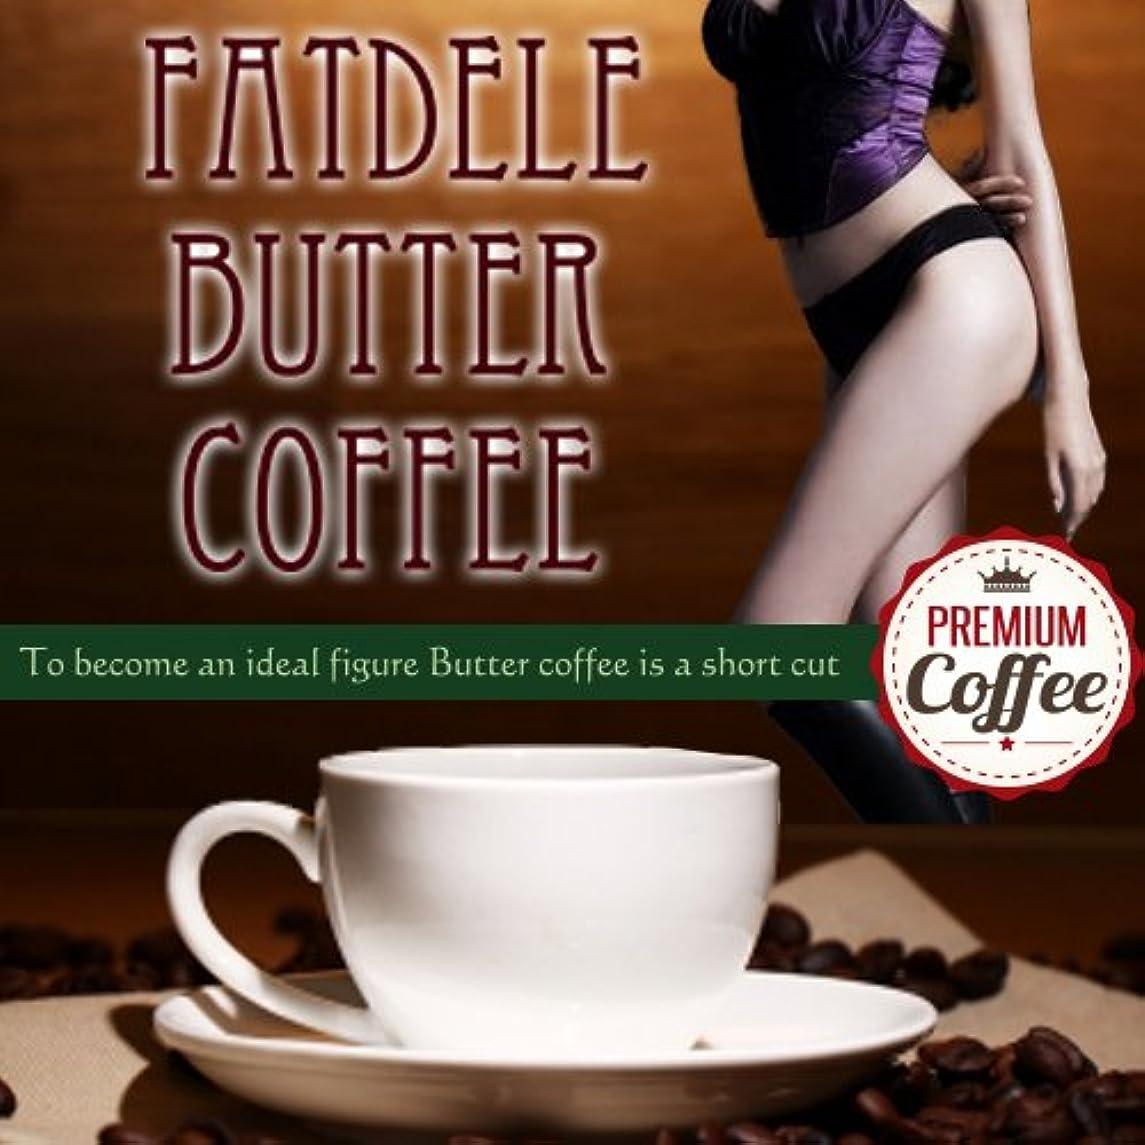 プレゼント小康エントリファットデルバターコーヒー バターコーヒー ダイエットコーヒー